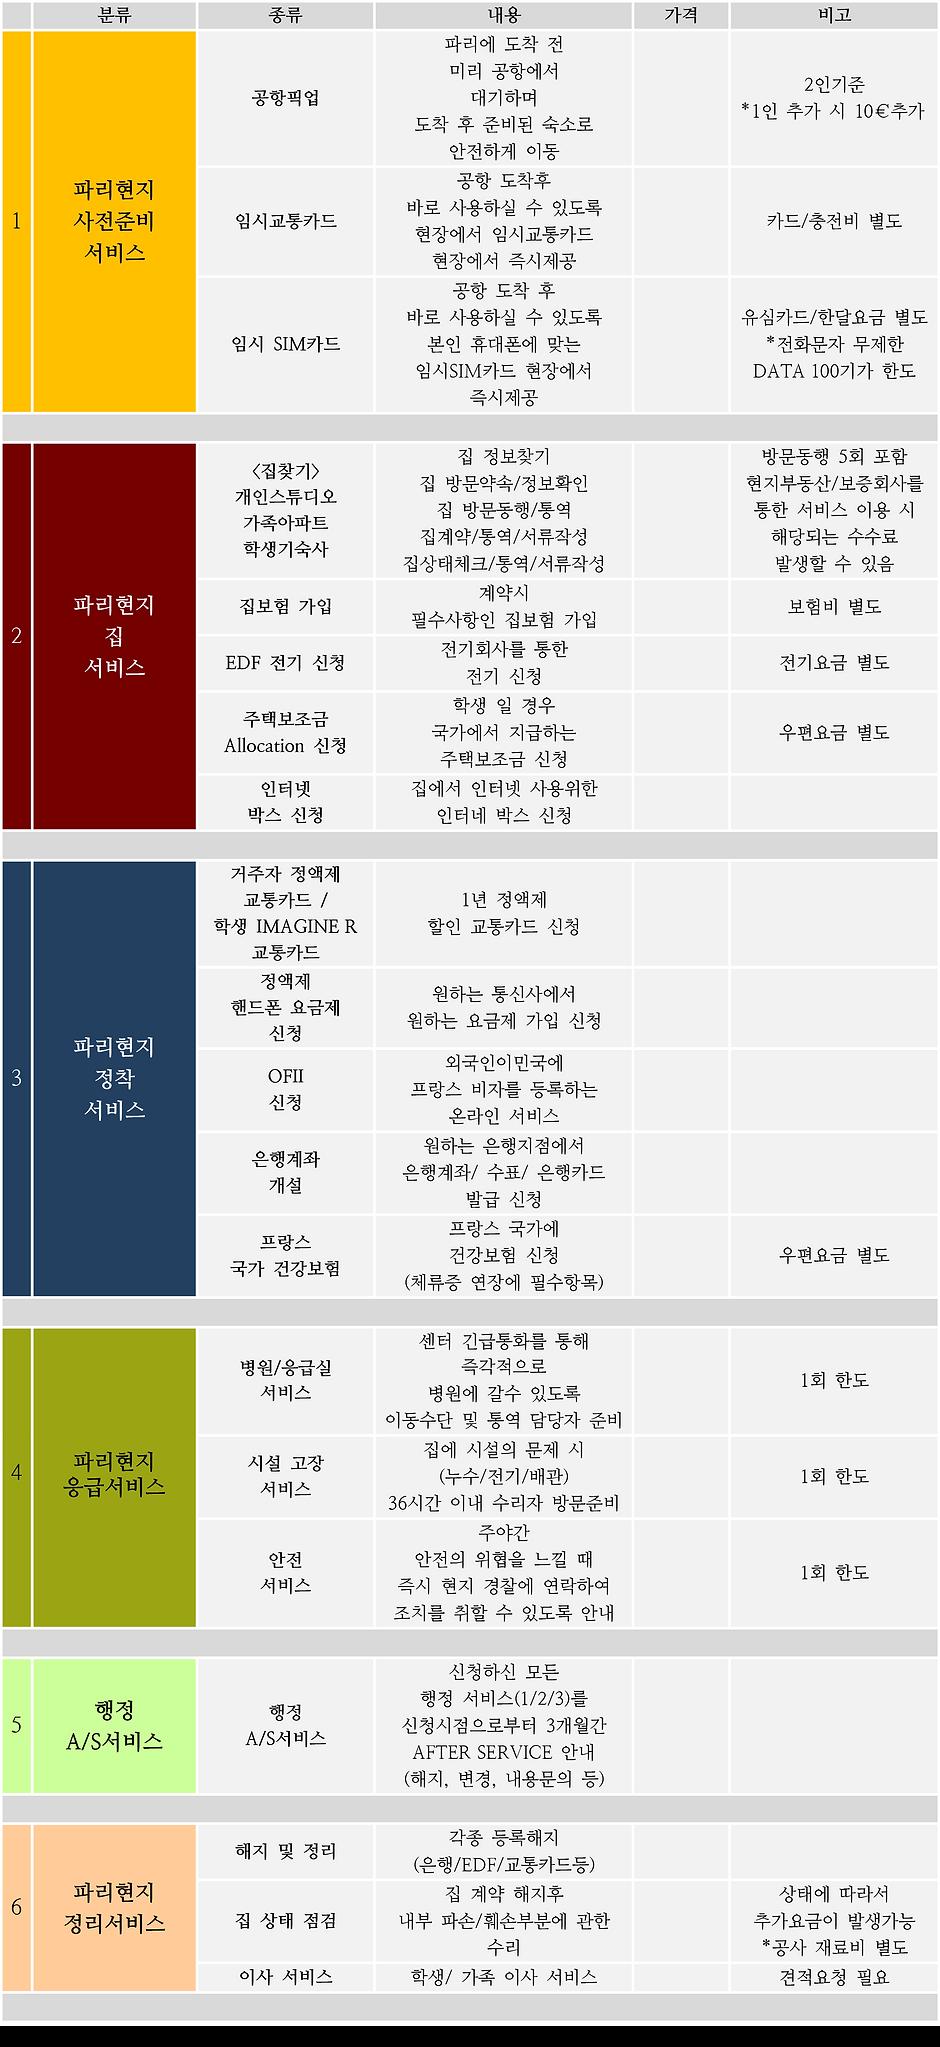 스프리미엄 서비- 가격X- 합본.png